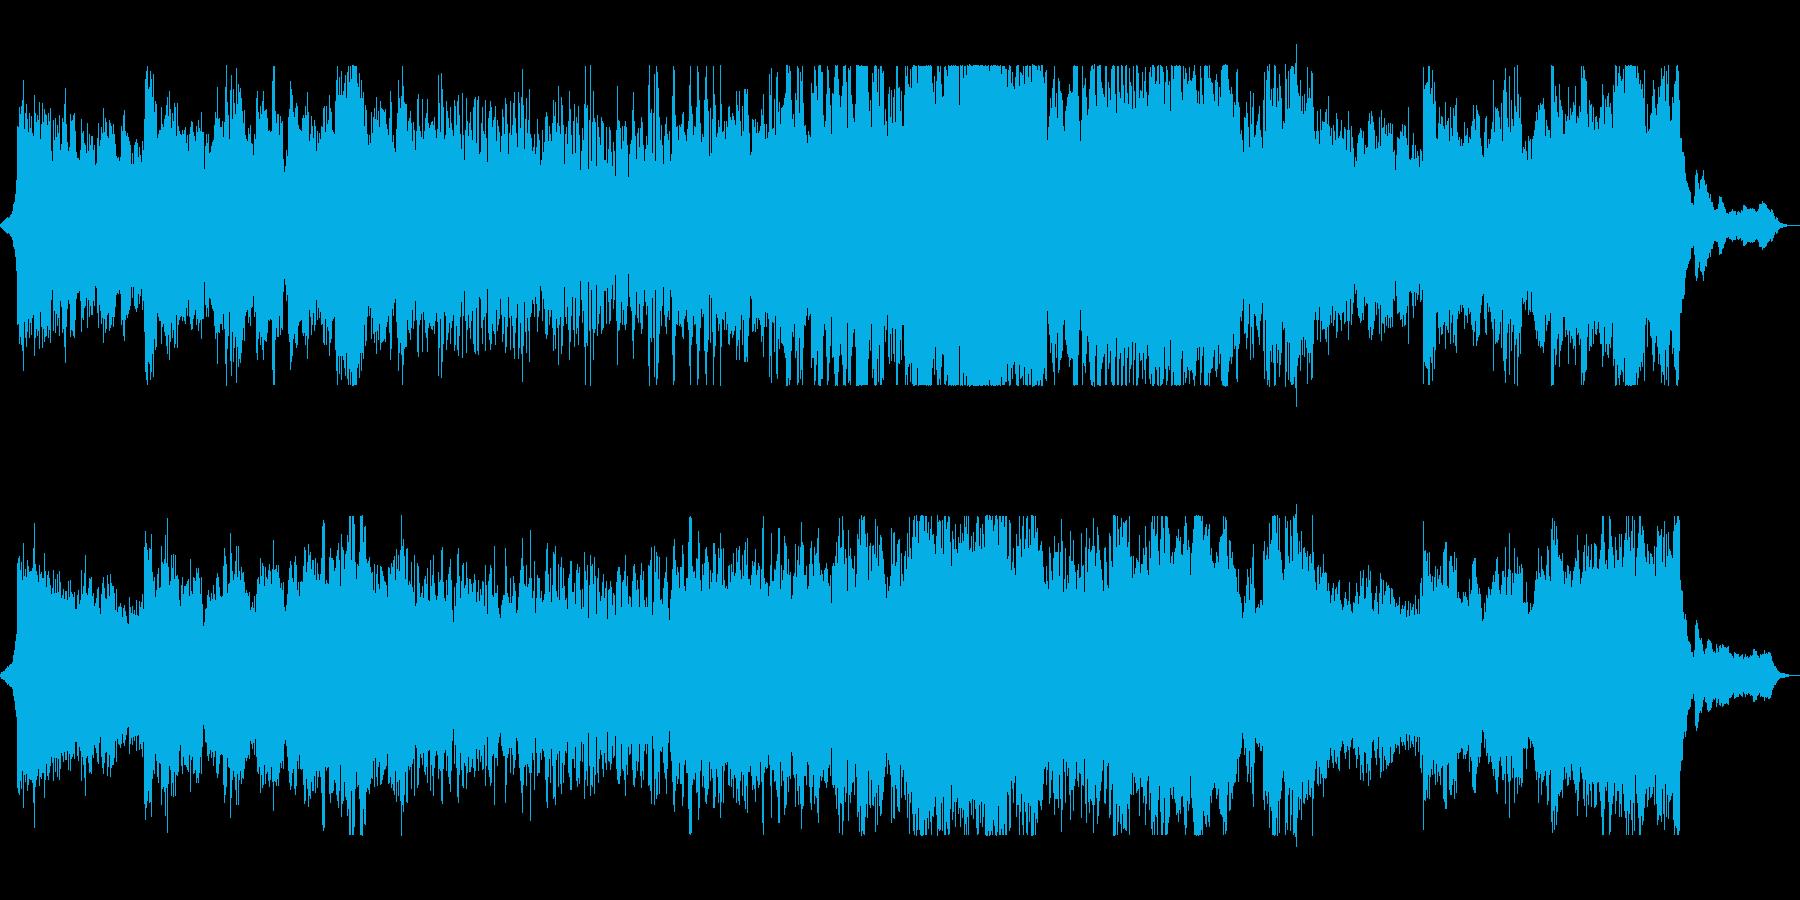 気軽に聞ける壮大なオーケストラサウンドの再生済みの波形